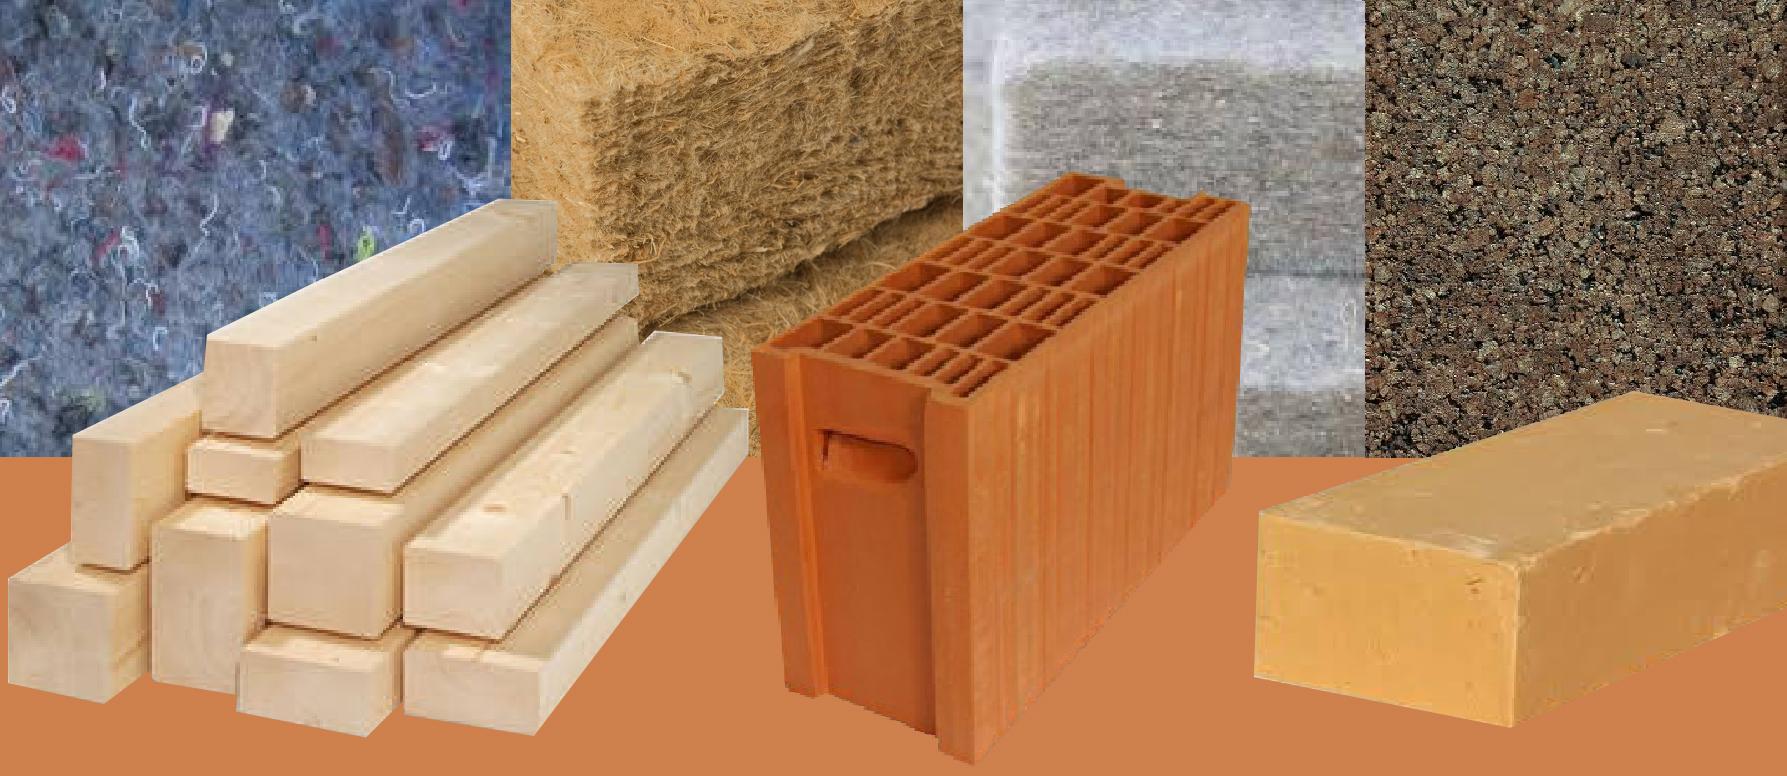 Materiaux Naturel des matériaux naturels pour une maison saine | ben grine architecte